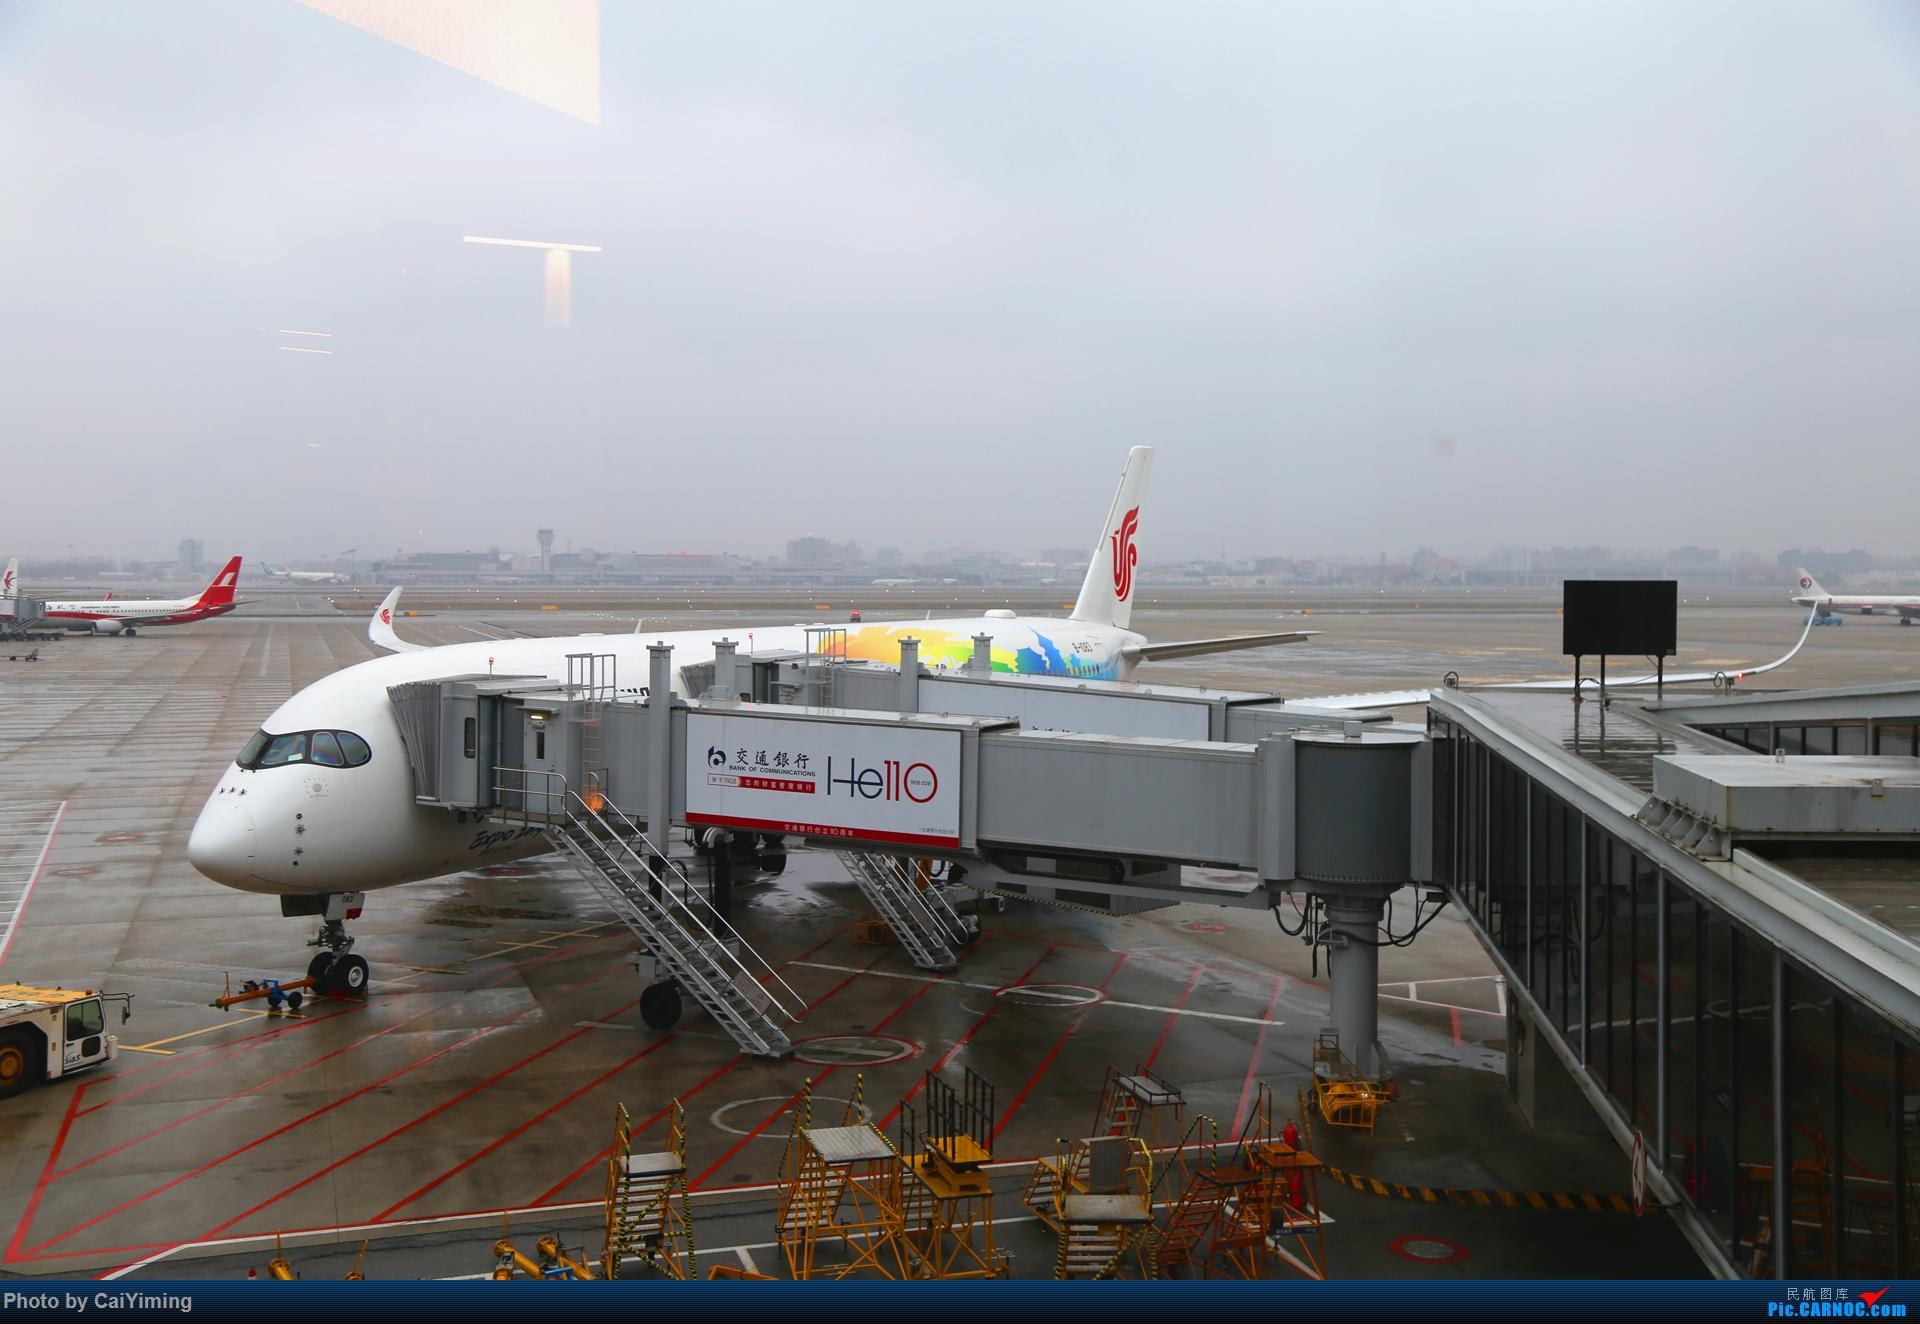 Re:[原创]【人在旅途】成都-浦东-虹桥-西安-南通-成都(3U+MU空客A359体验) AIRBUS A350-900 B-1083 中国上海虹桥国际机场